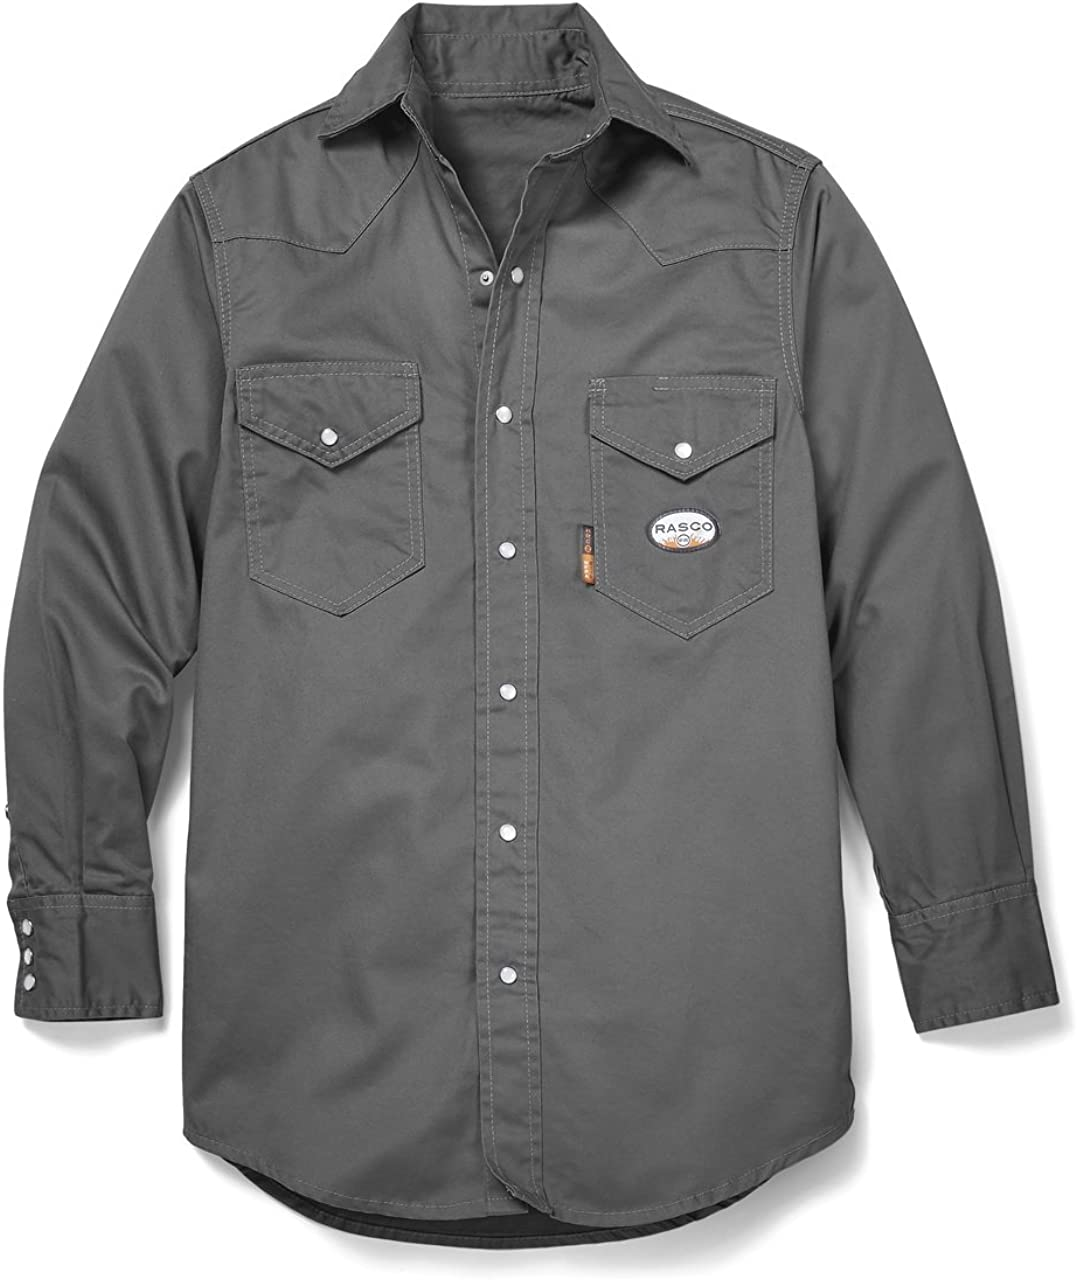 Rasco FR Gray Lightweight Work Shirt